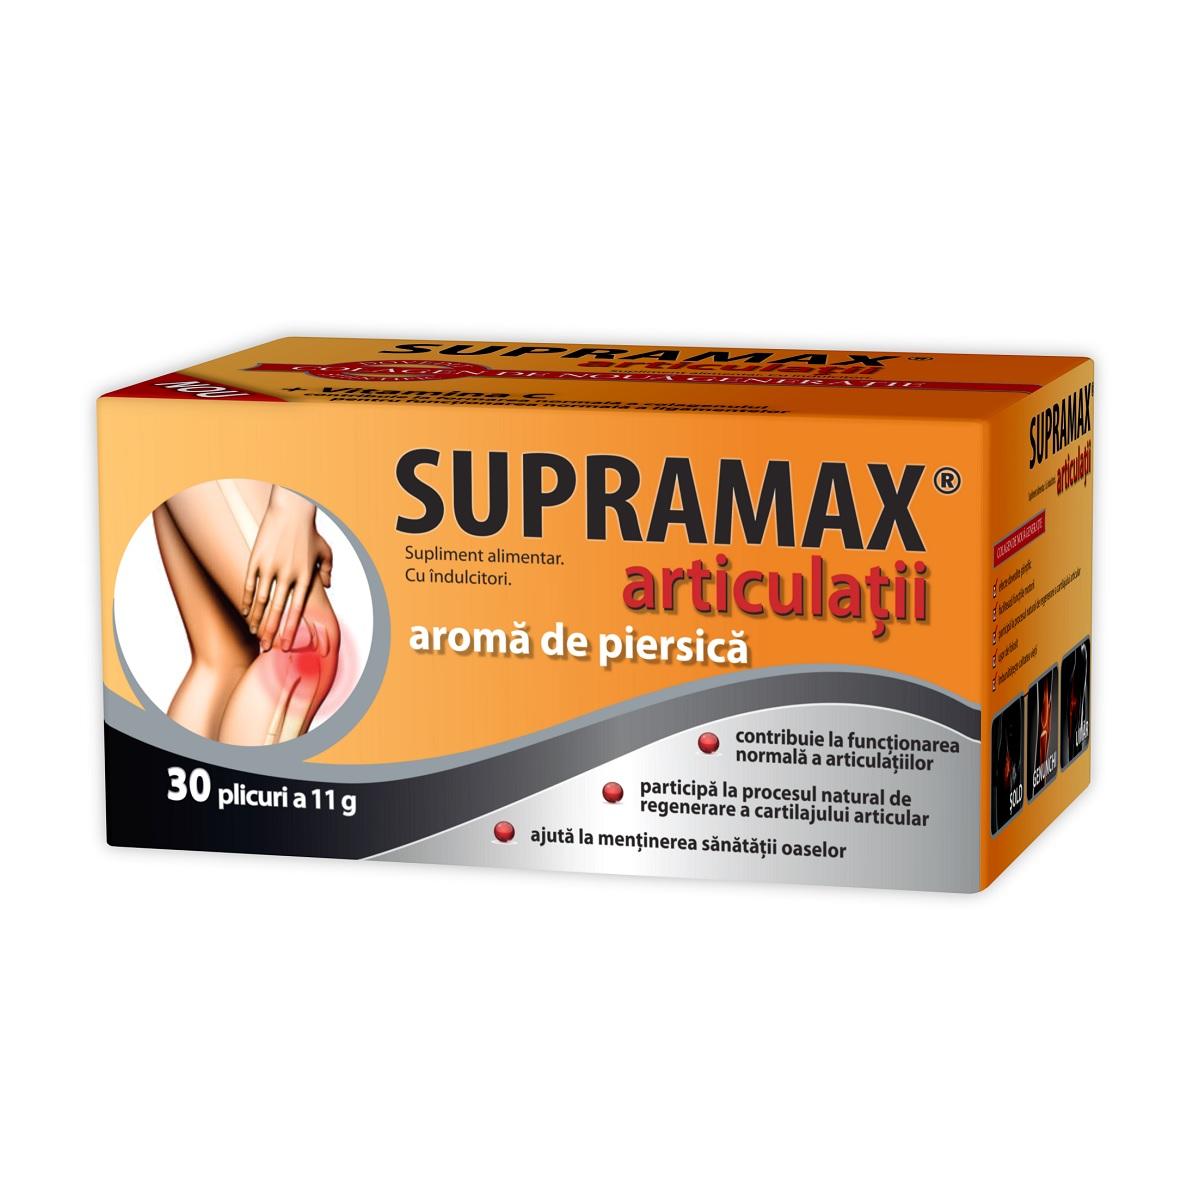 medicamentul este administrat pentru articulații ceea ce poate răni articulația cotului